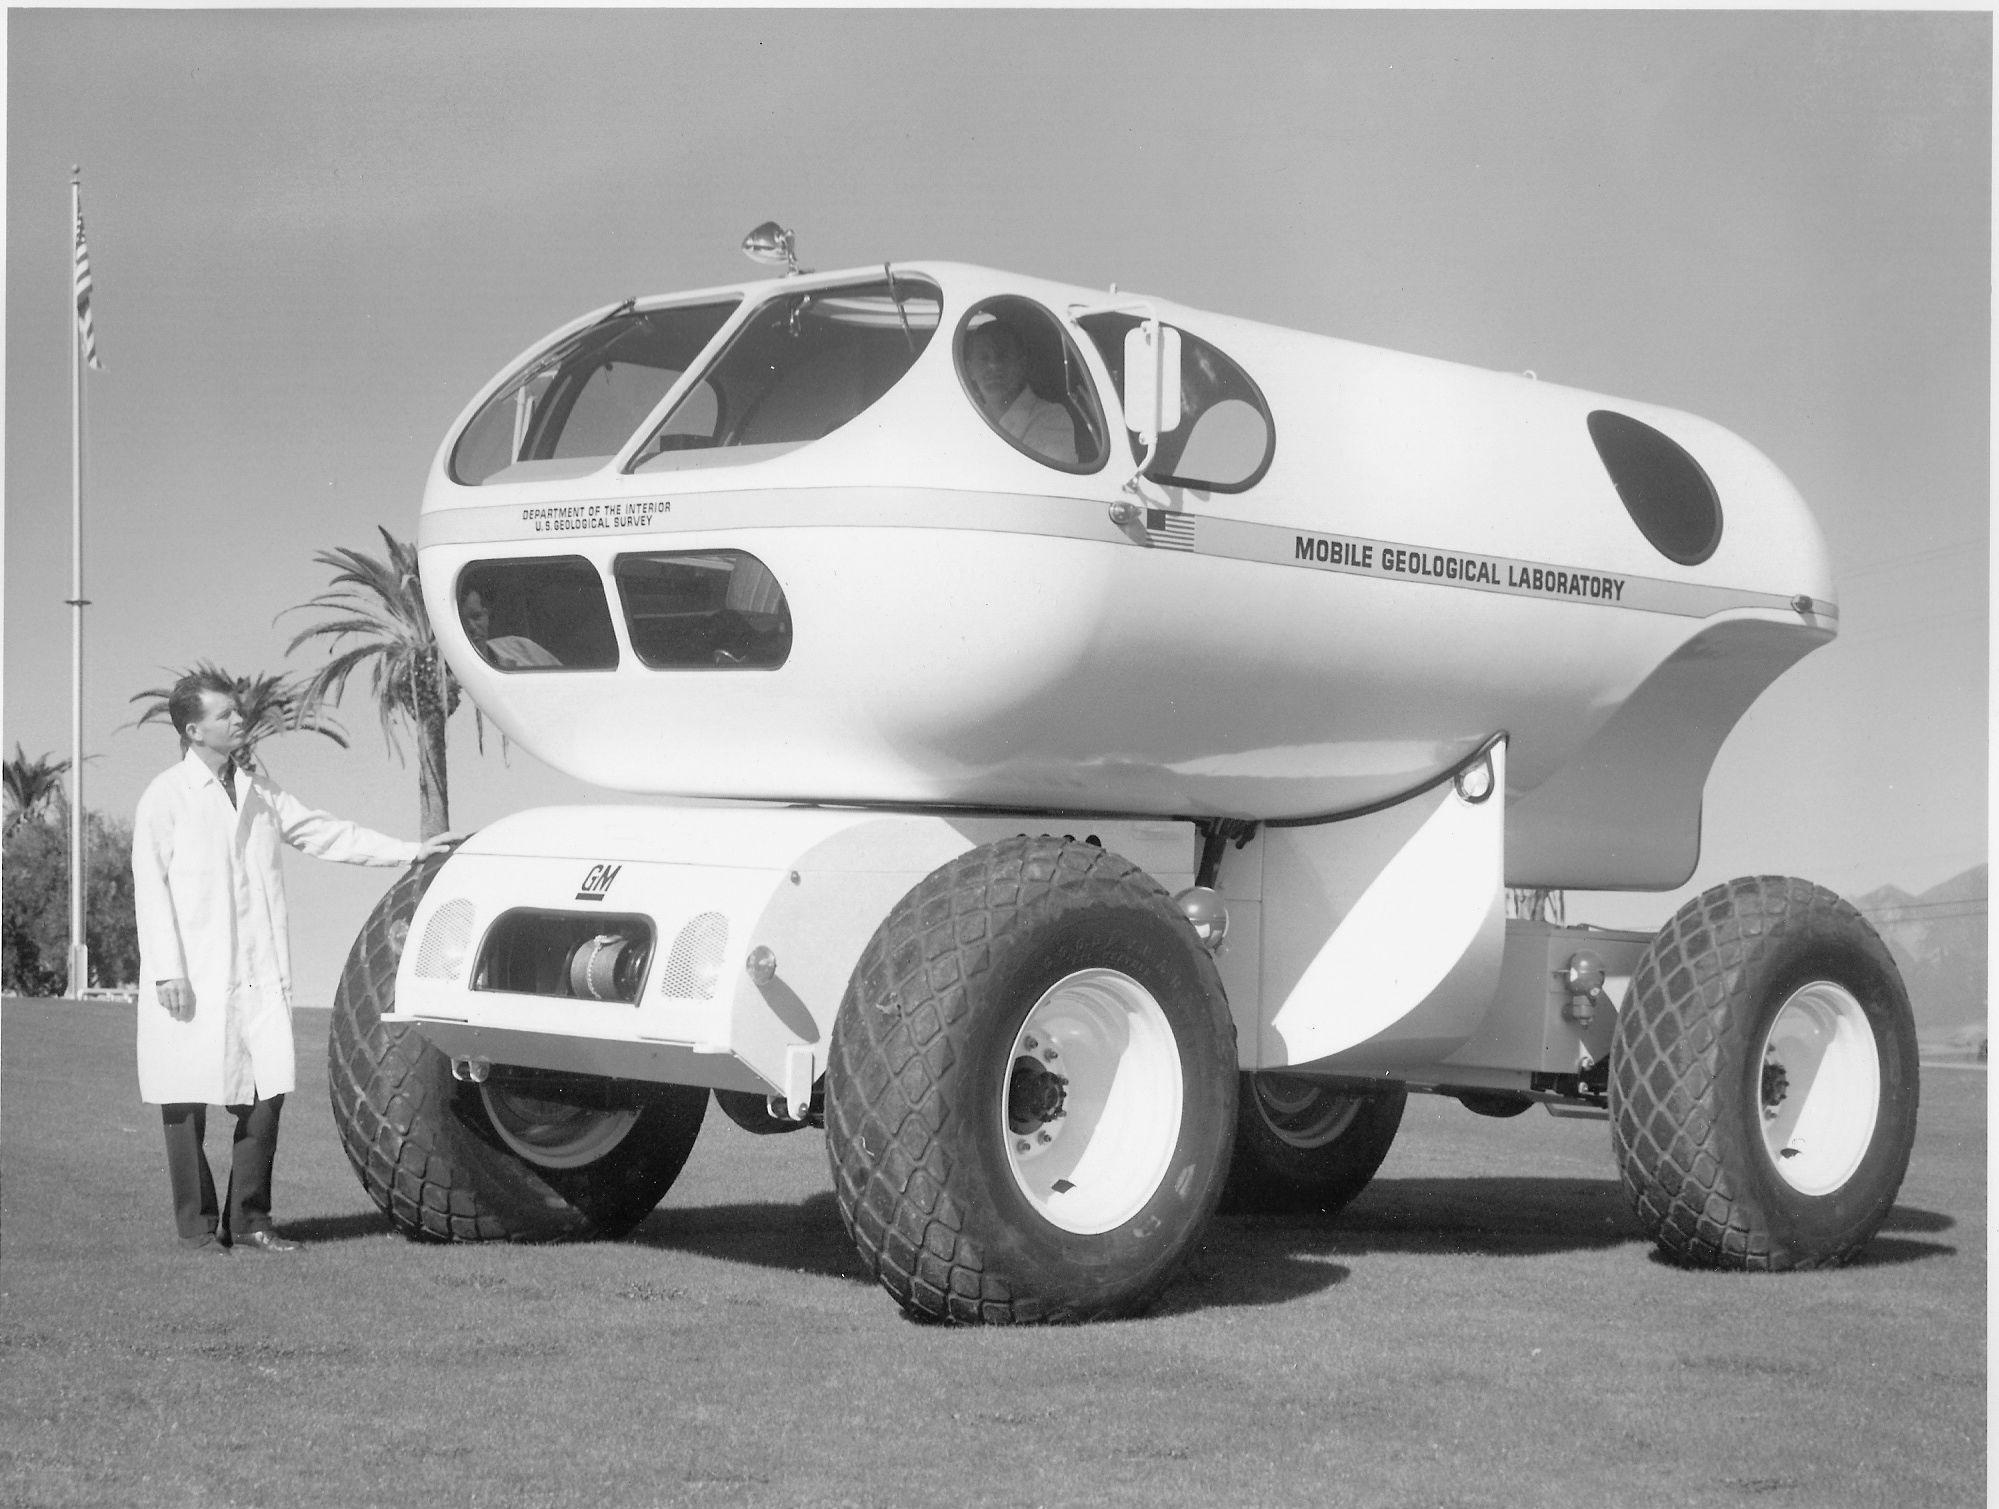 En MOLAB bygget av GM i 1966 til bruk som ett geologisk laboratorium.